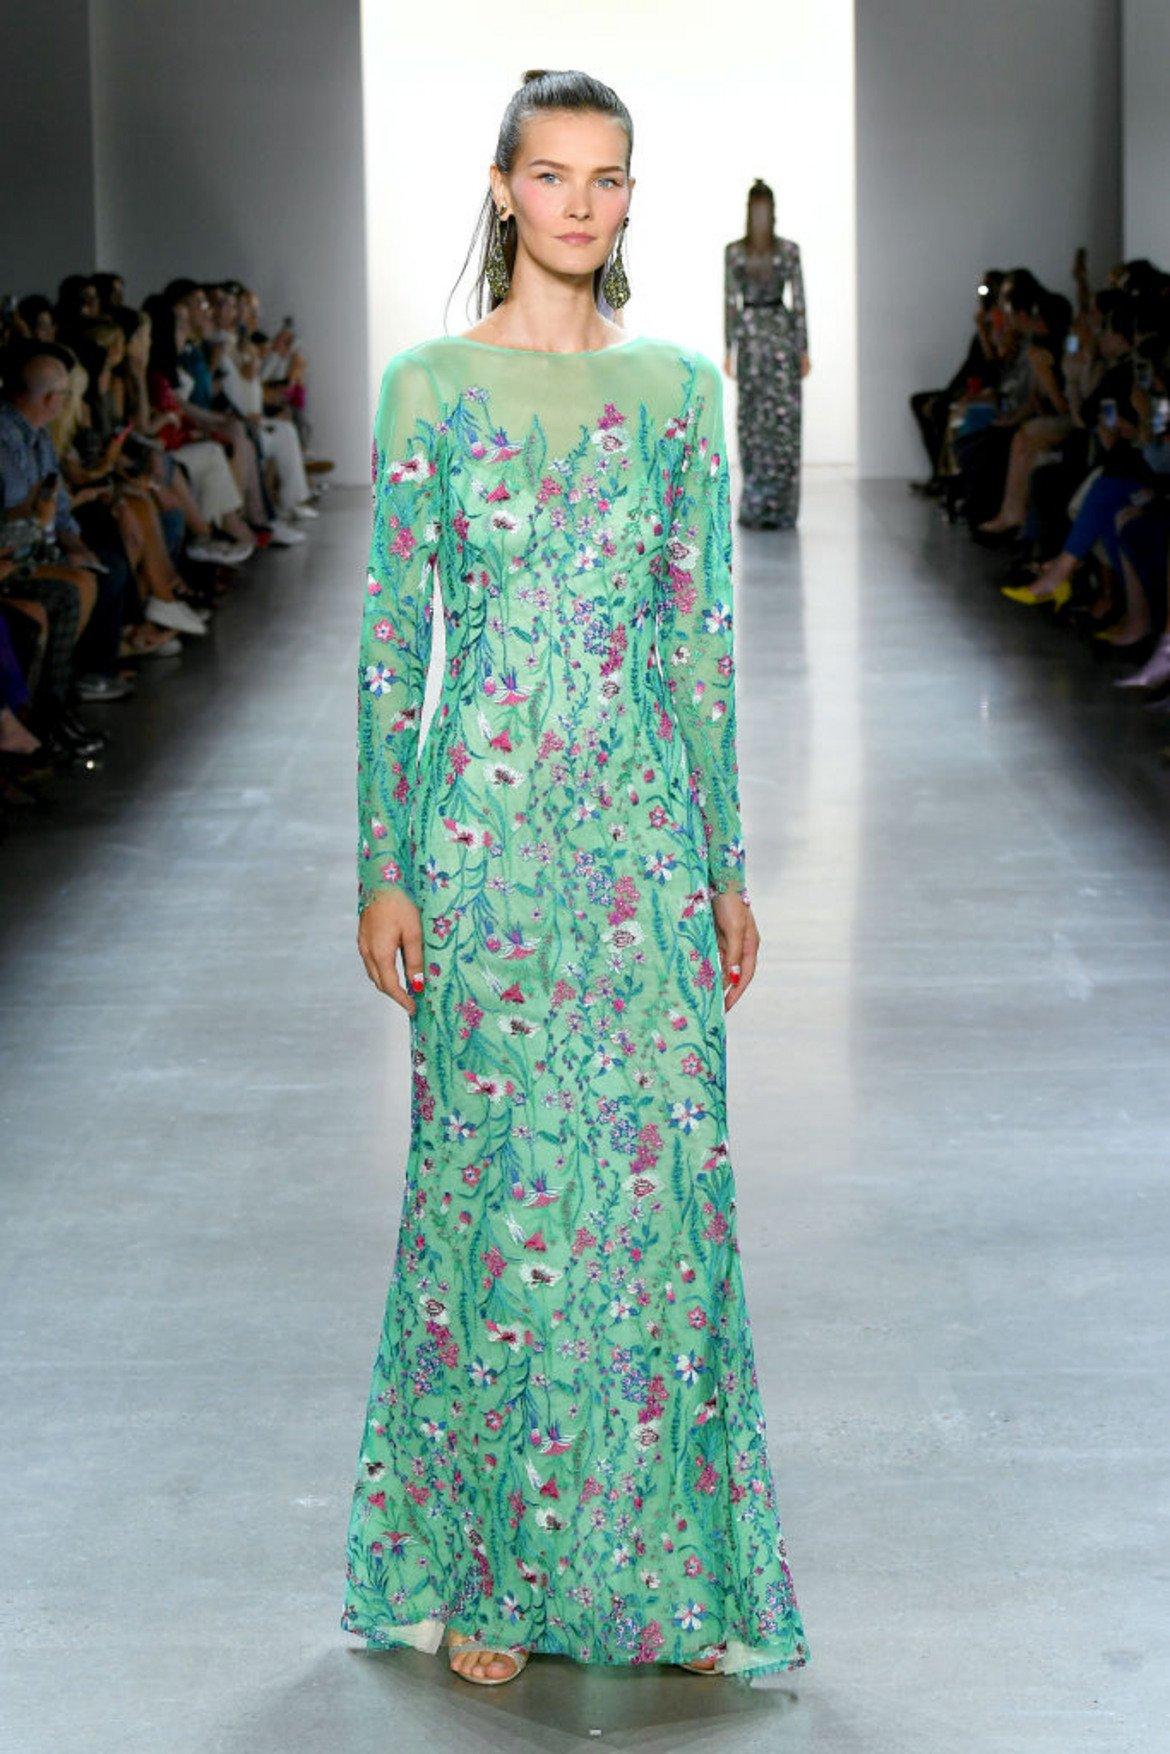 Бискайско зелено (Biscay Green)  Това е зелено като от Бискайския залив. С асоциацията  за мента носи усещане за лекота и свежест.  Модел на Тадаши Шоджи от колекцията му пролет/лято 2020, представена на Седмицата на модата в Ню Йорк миналия септември.